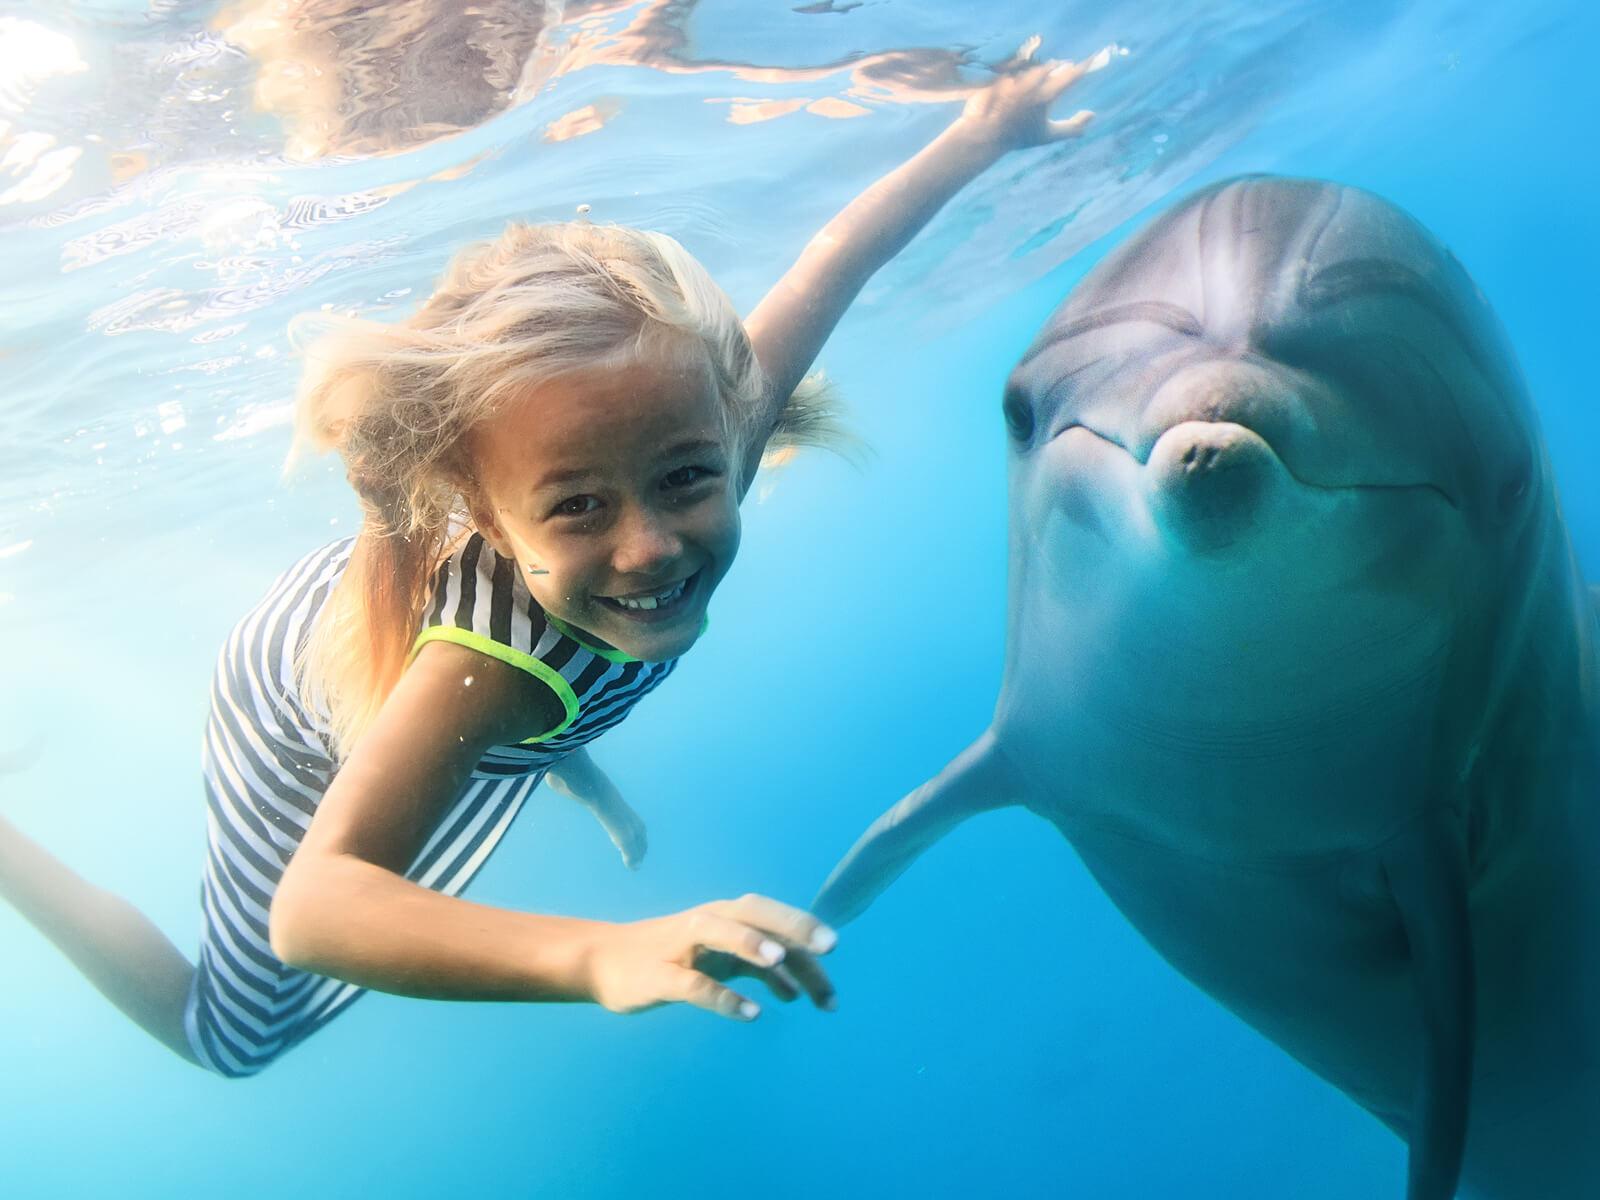 ドルフィンスイムを楽しめる海外スポット6選|野生のイルカと泳ぐアクティビティツアー